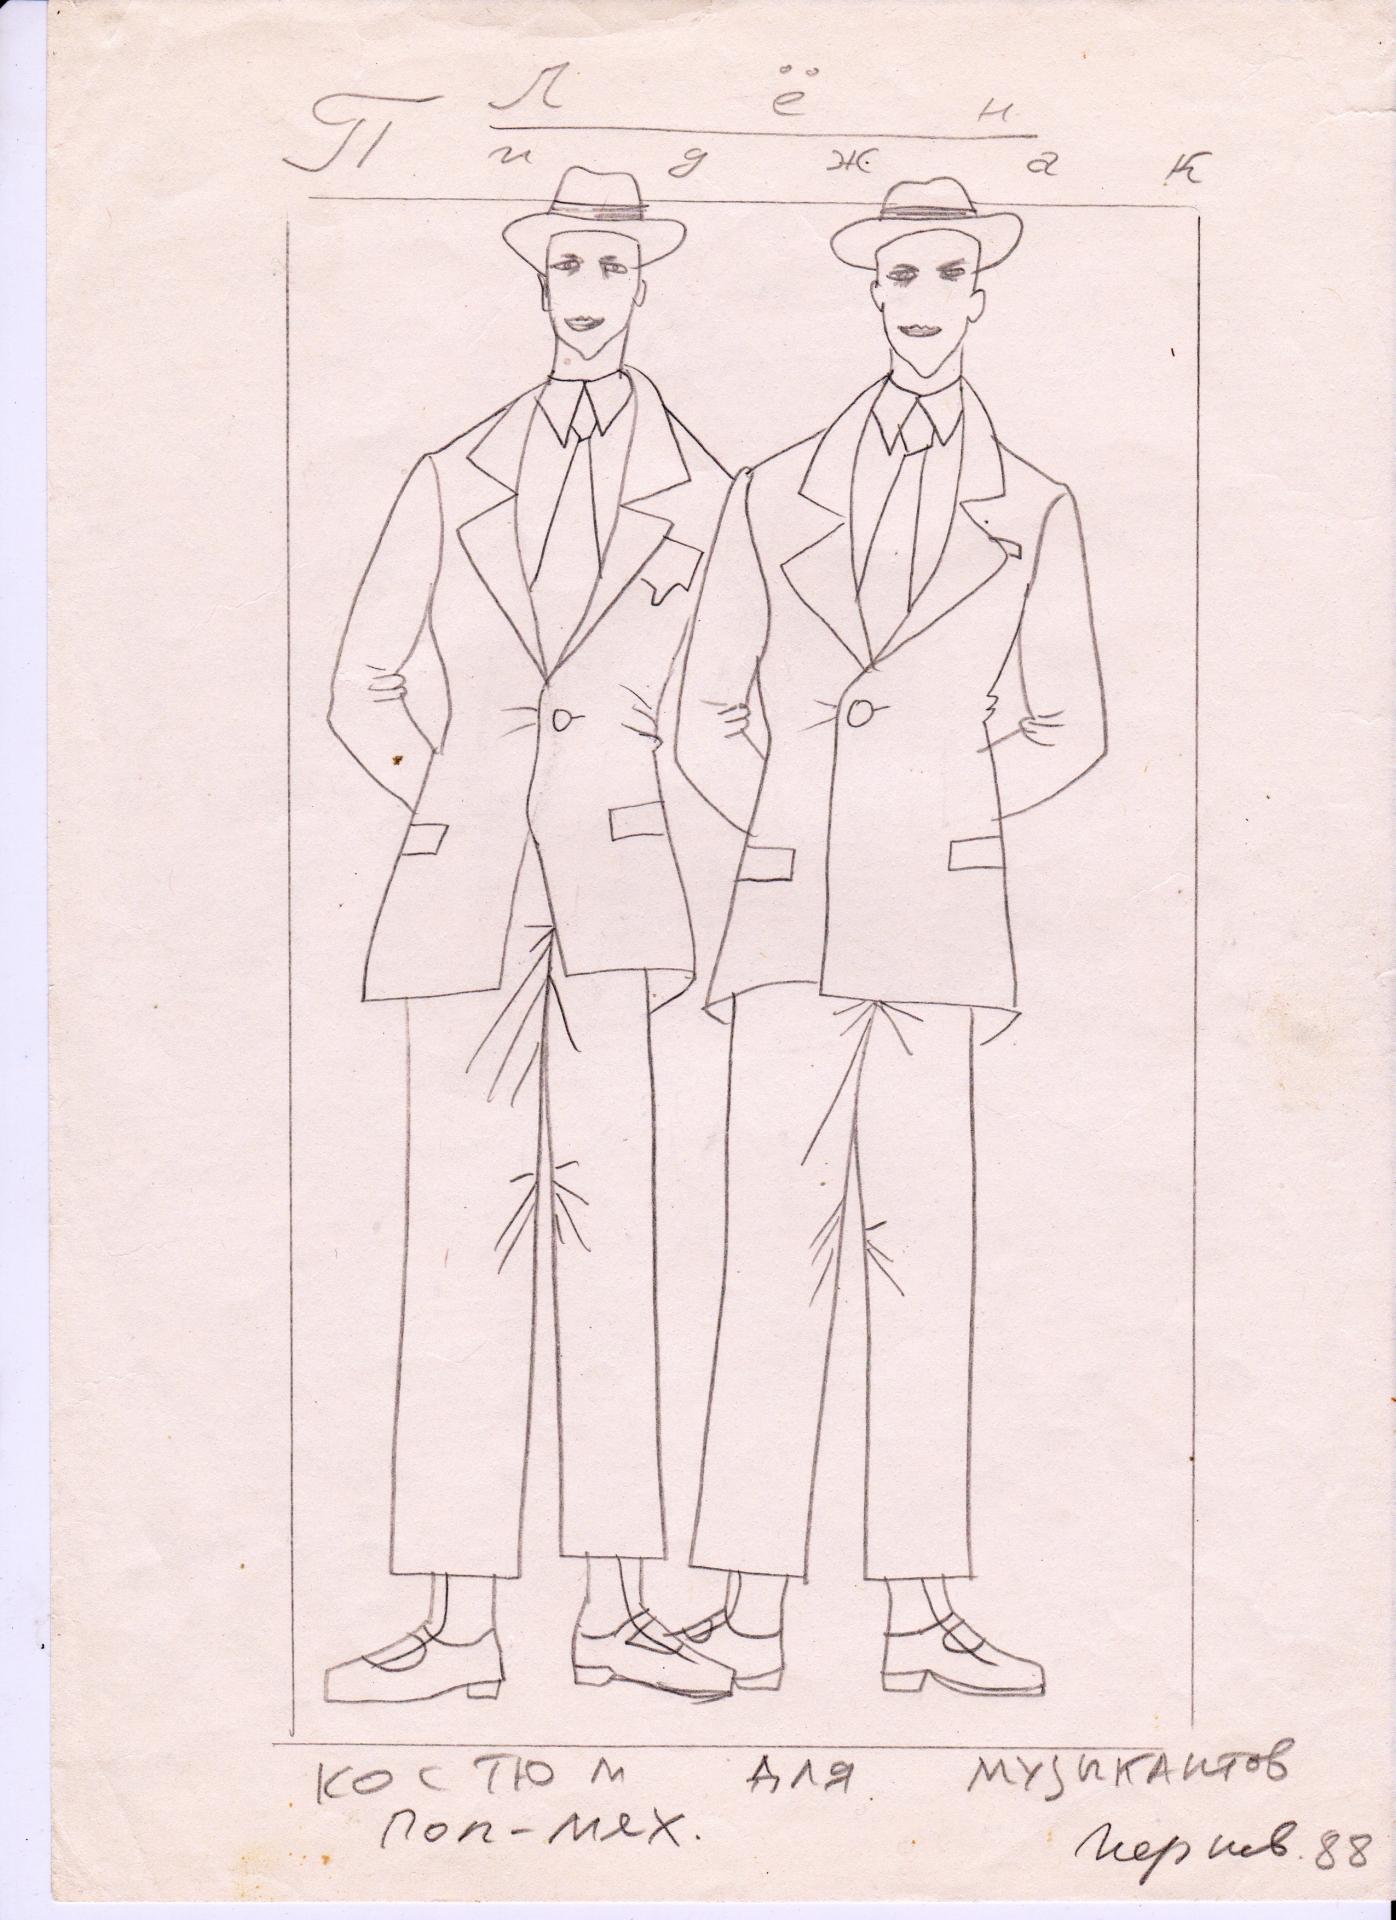 Sergiej Czernow, Projekt kostiumów dla Pop Mechaniki, rysunek, 1988, kolekcja Sergieja Czubrajewa